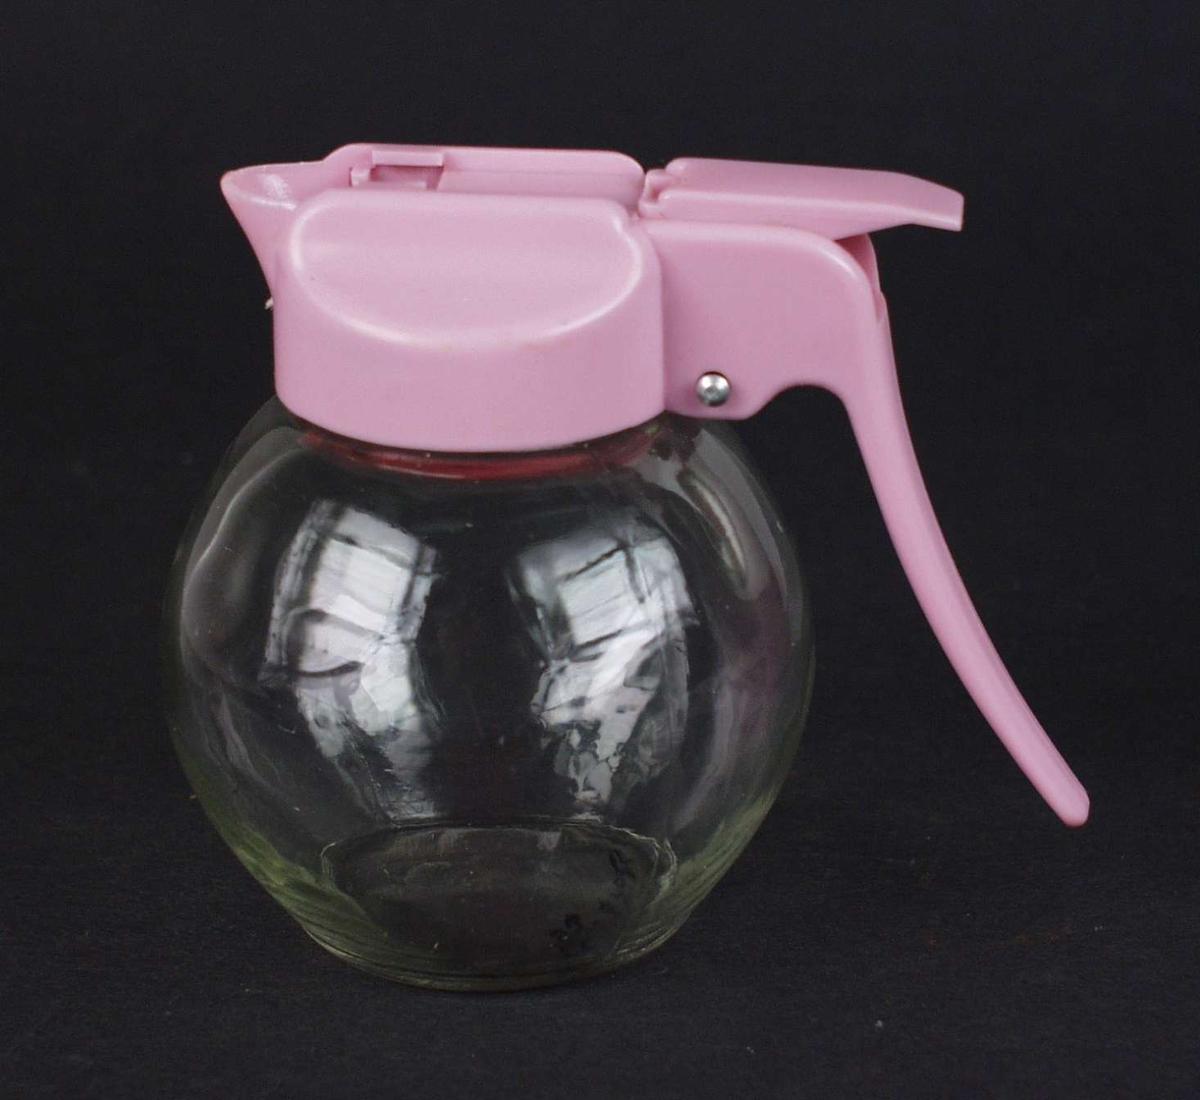 Liten serveringsmugge i glass med rosa lokk i plast.